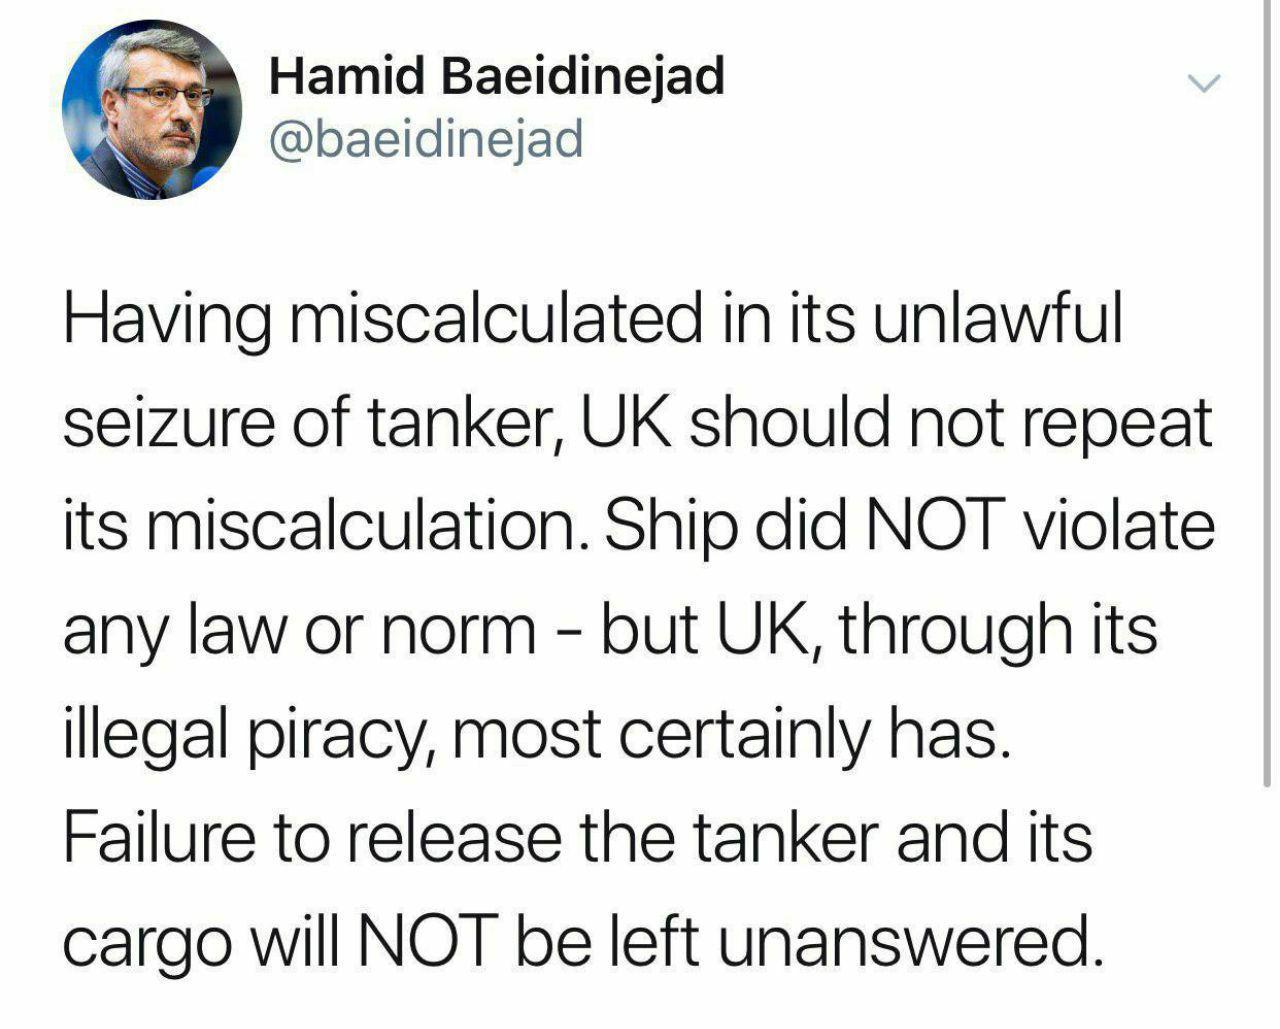 بعیدینژاد: اگر نفتکش و محموله آن آزاد نشود اقدام انگلیس بیجواب نمیماند